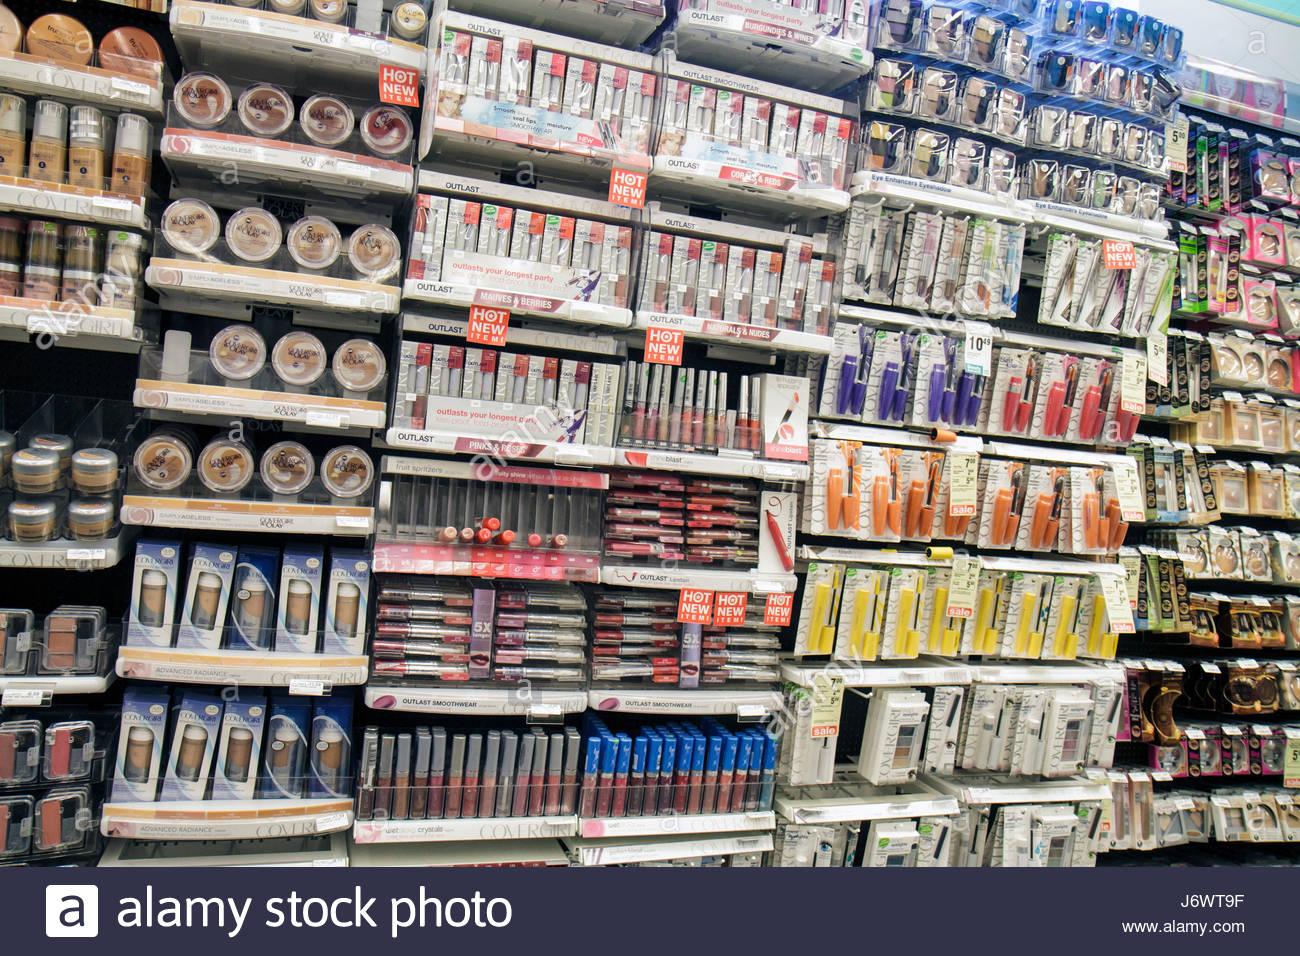 miami beach florida pharmacy cosmetics stock photos u0026 miami beach